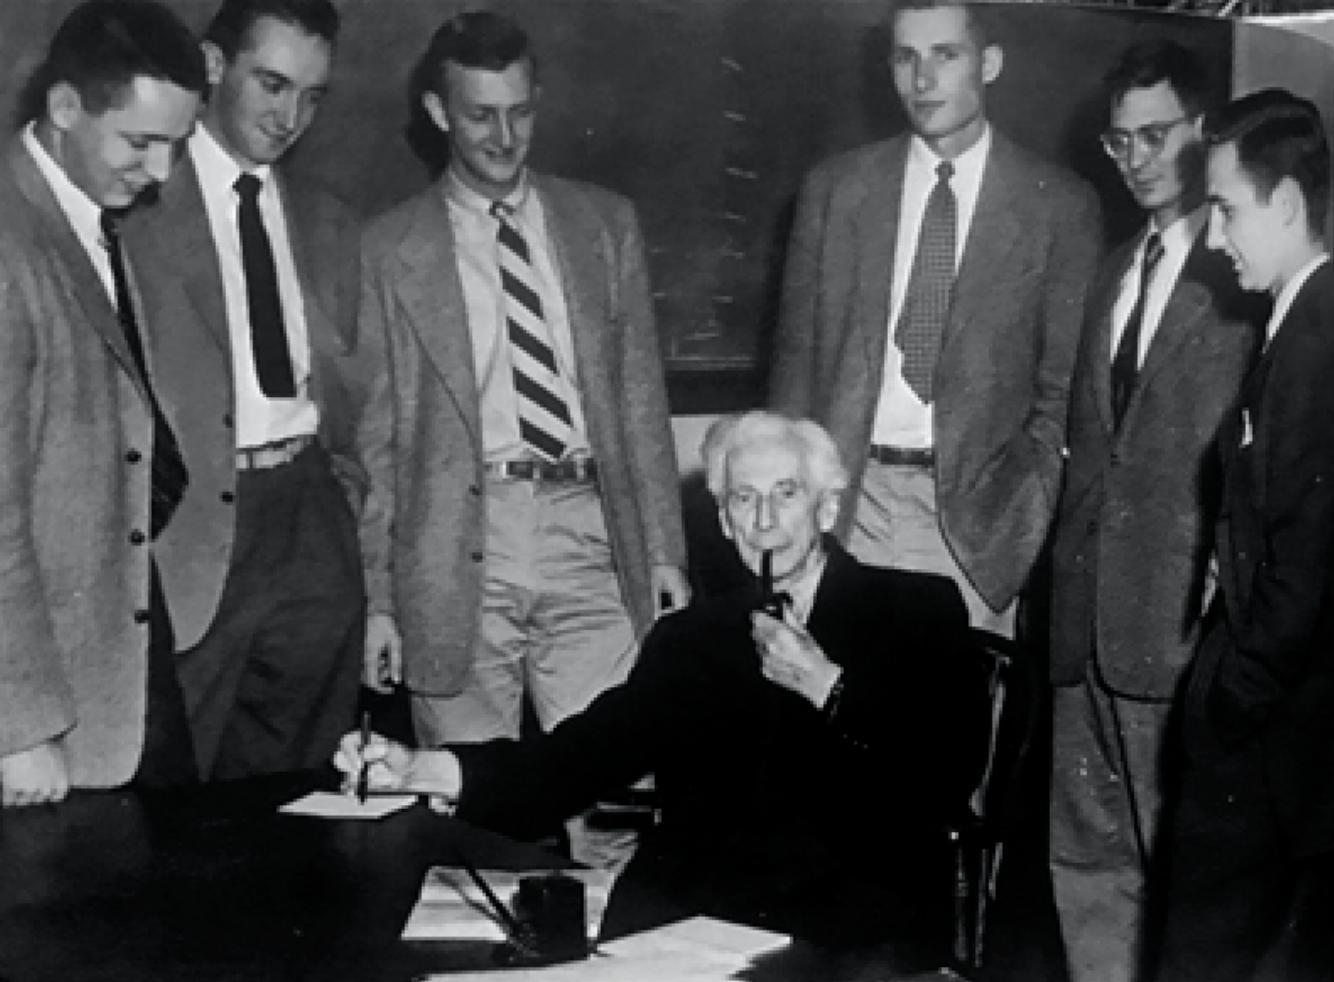 1950年,罗素在普林斯顿大学得知荣获诺贝尔奖后留影。